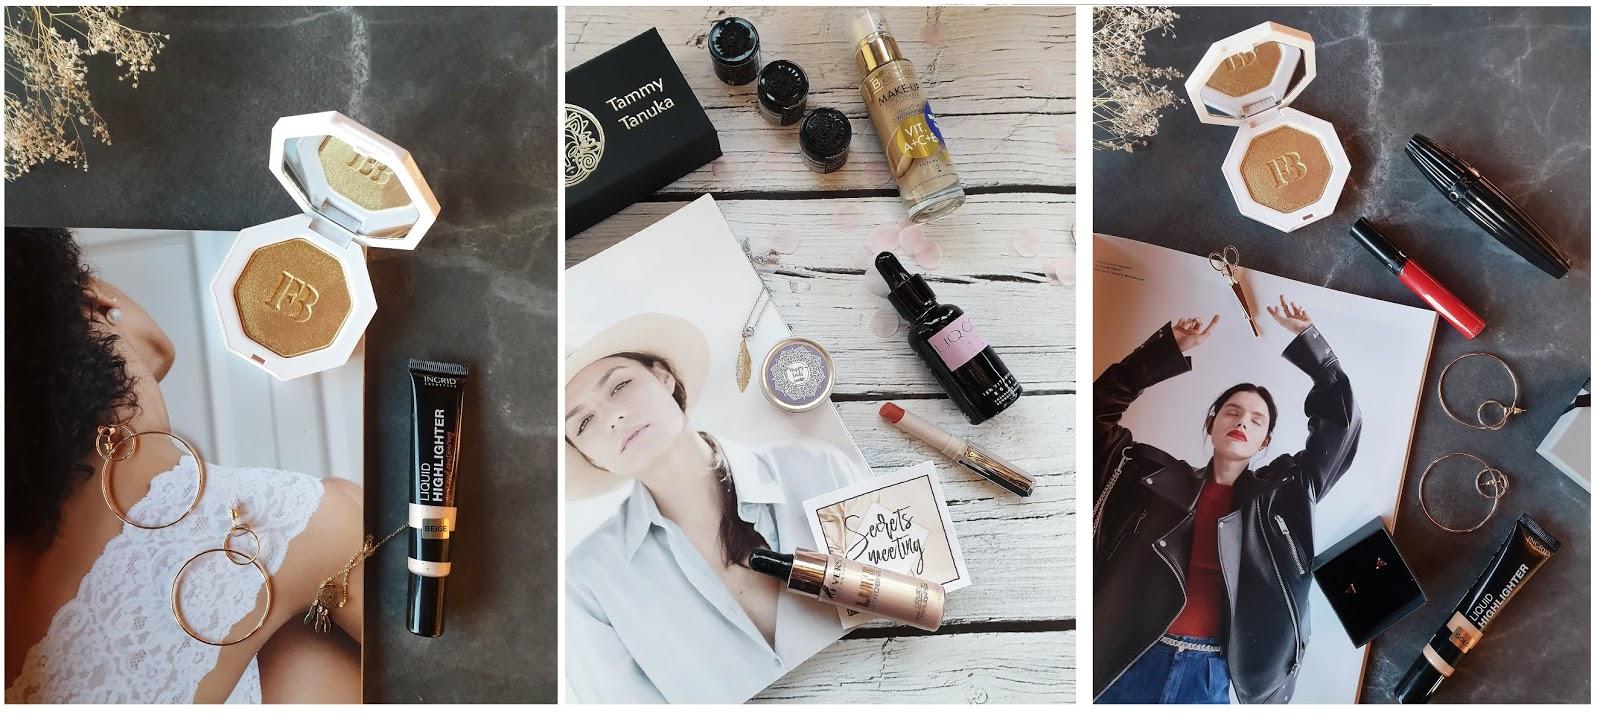 secretsmeeting mazgoo dajanalogist wspólpraca sephora, revers, ingrid, warsztaty fotograficzne, pokaz makijazu, szkolenia dla bloggerów